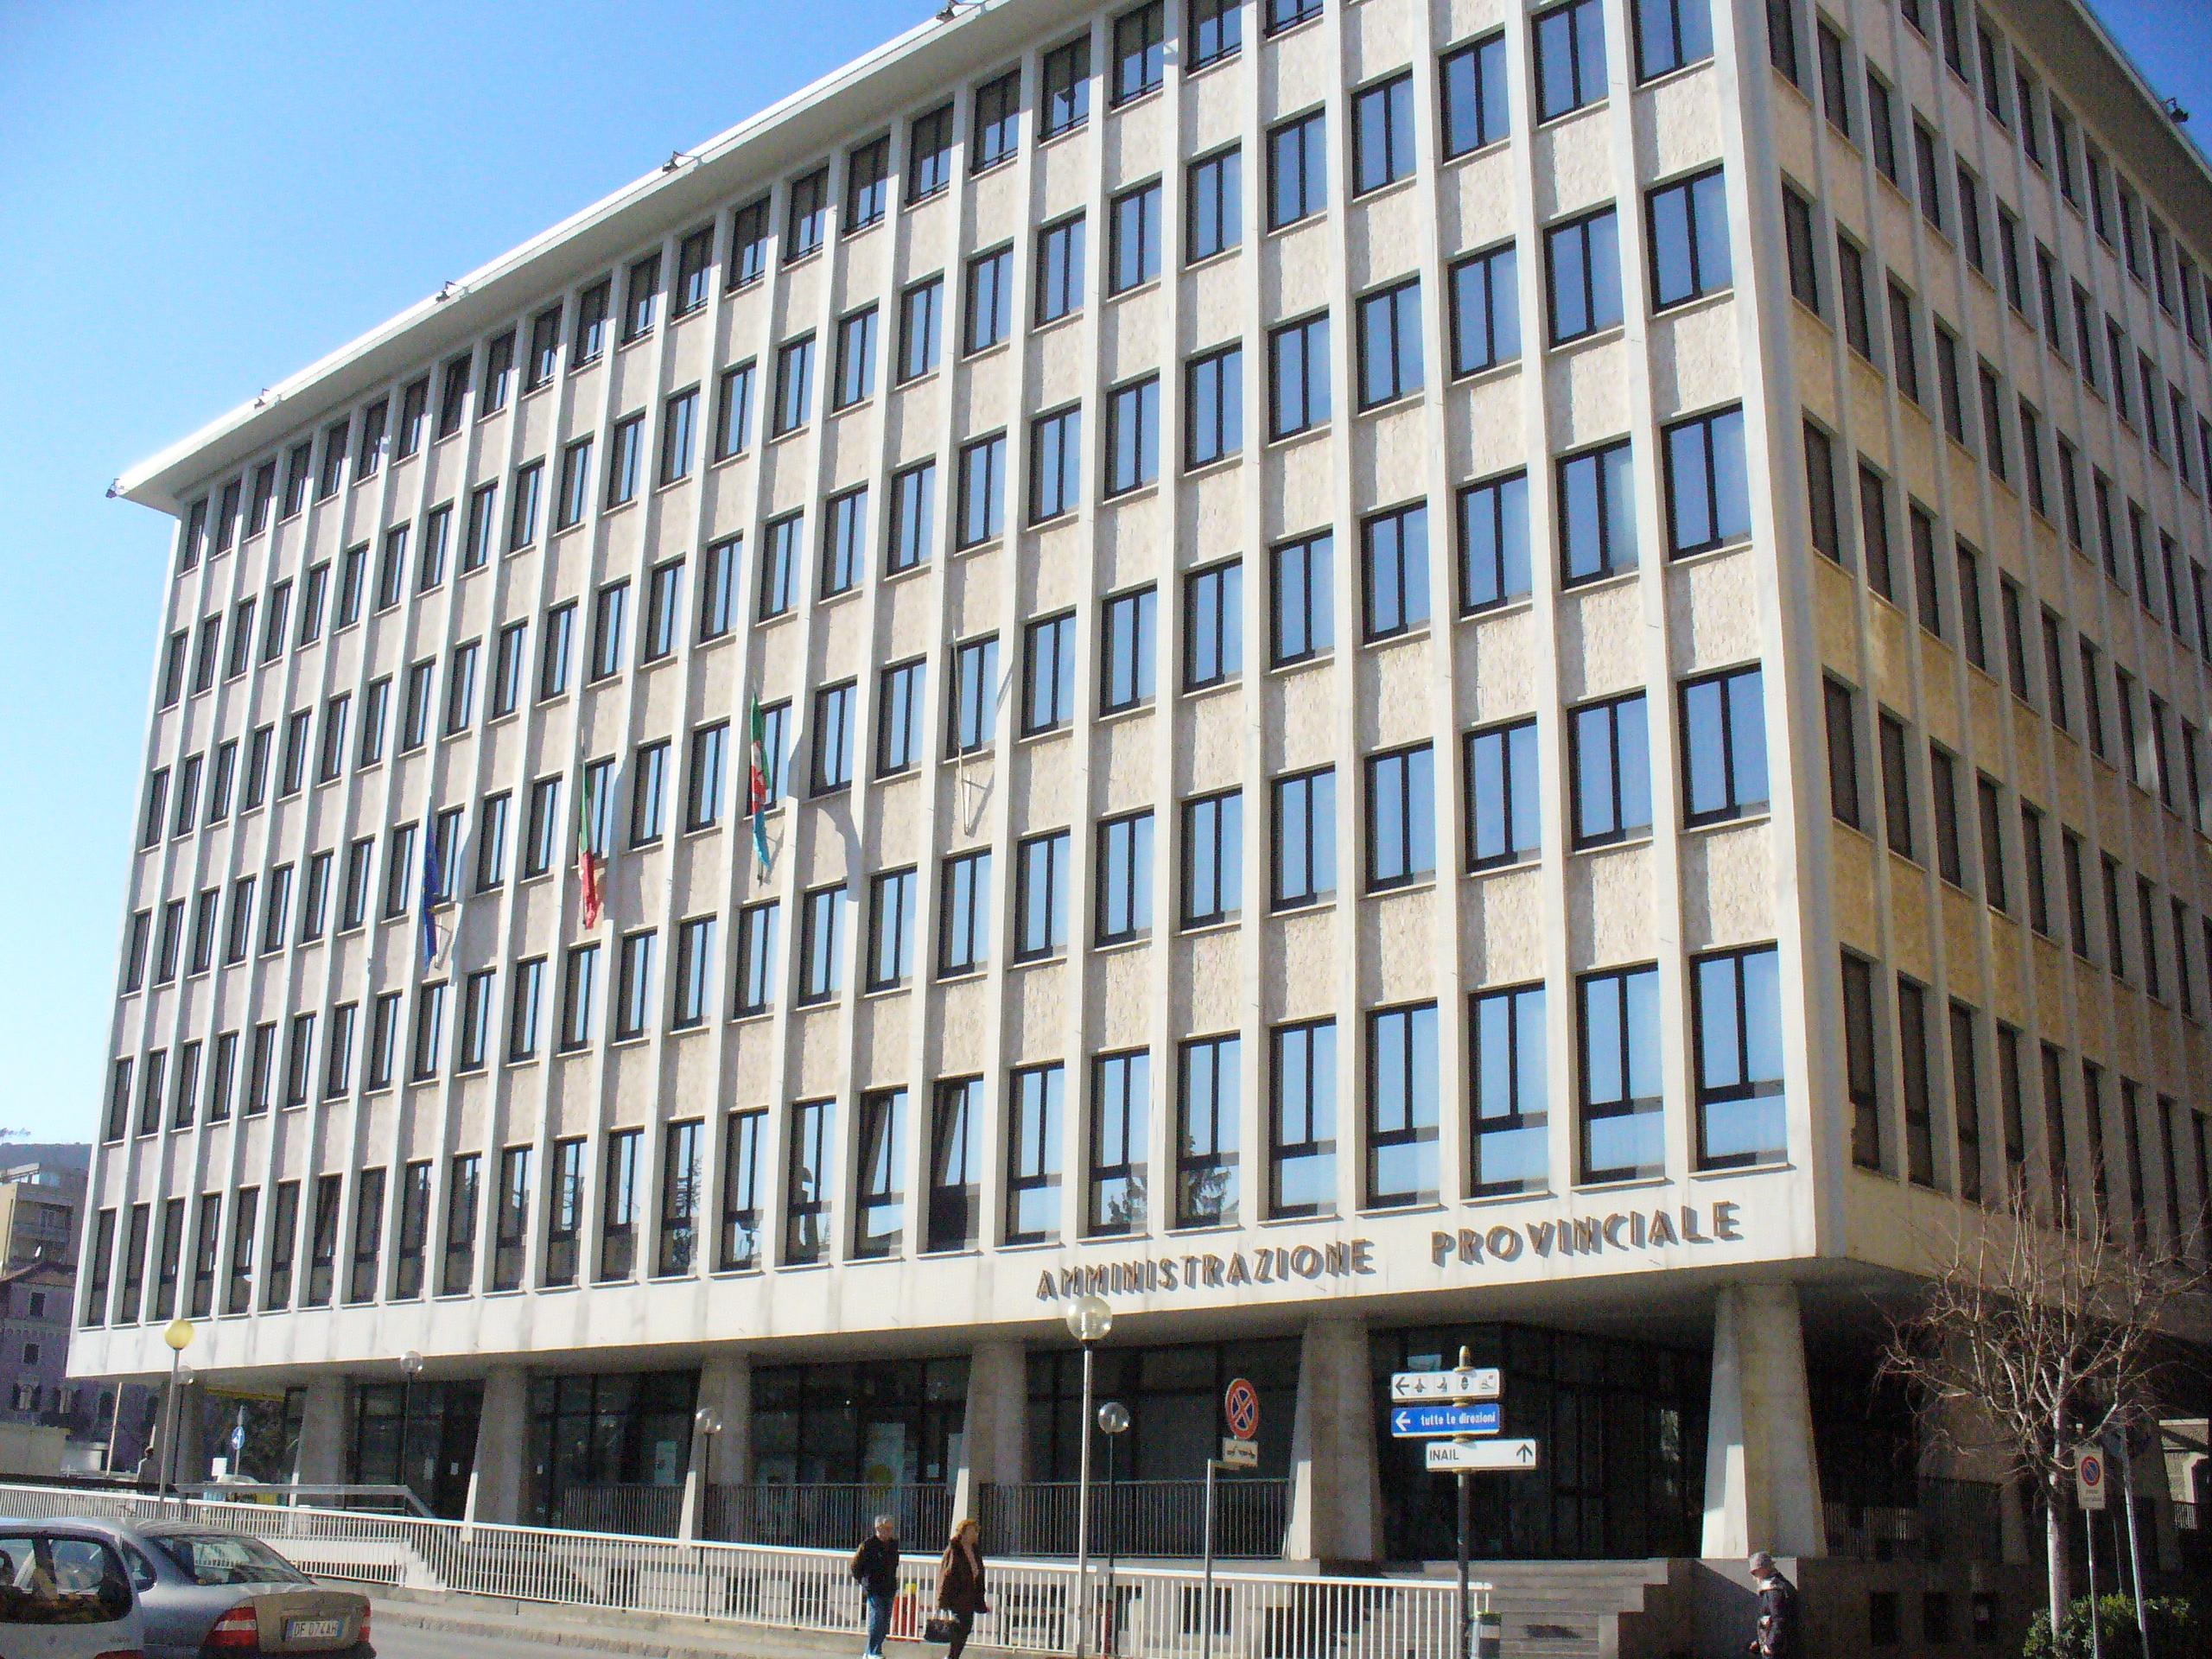 File Amministrazione provinciale savona JPG